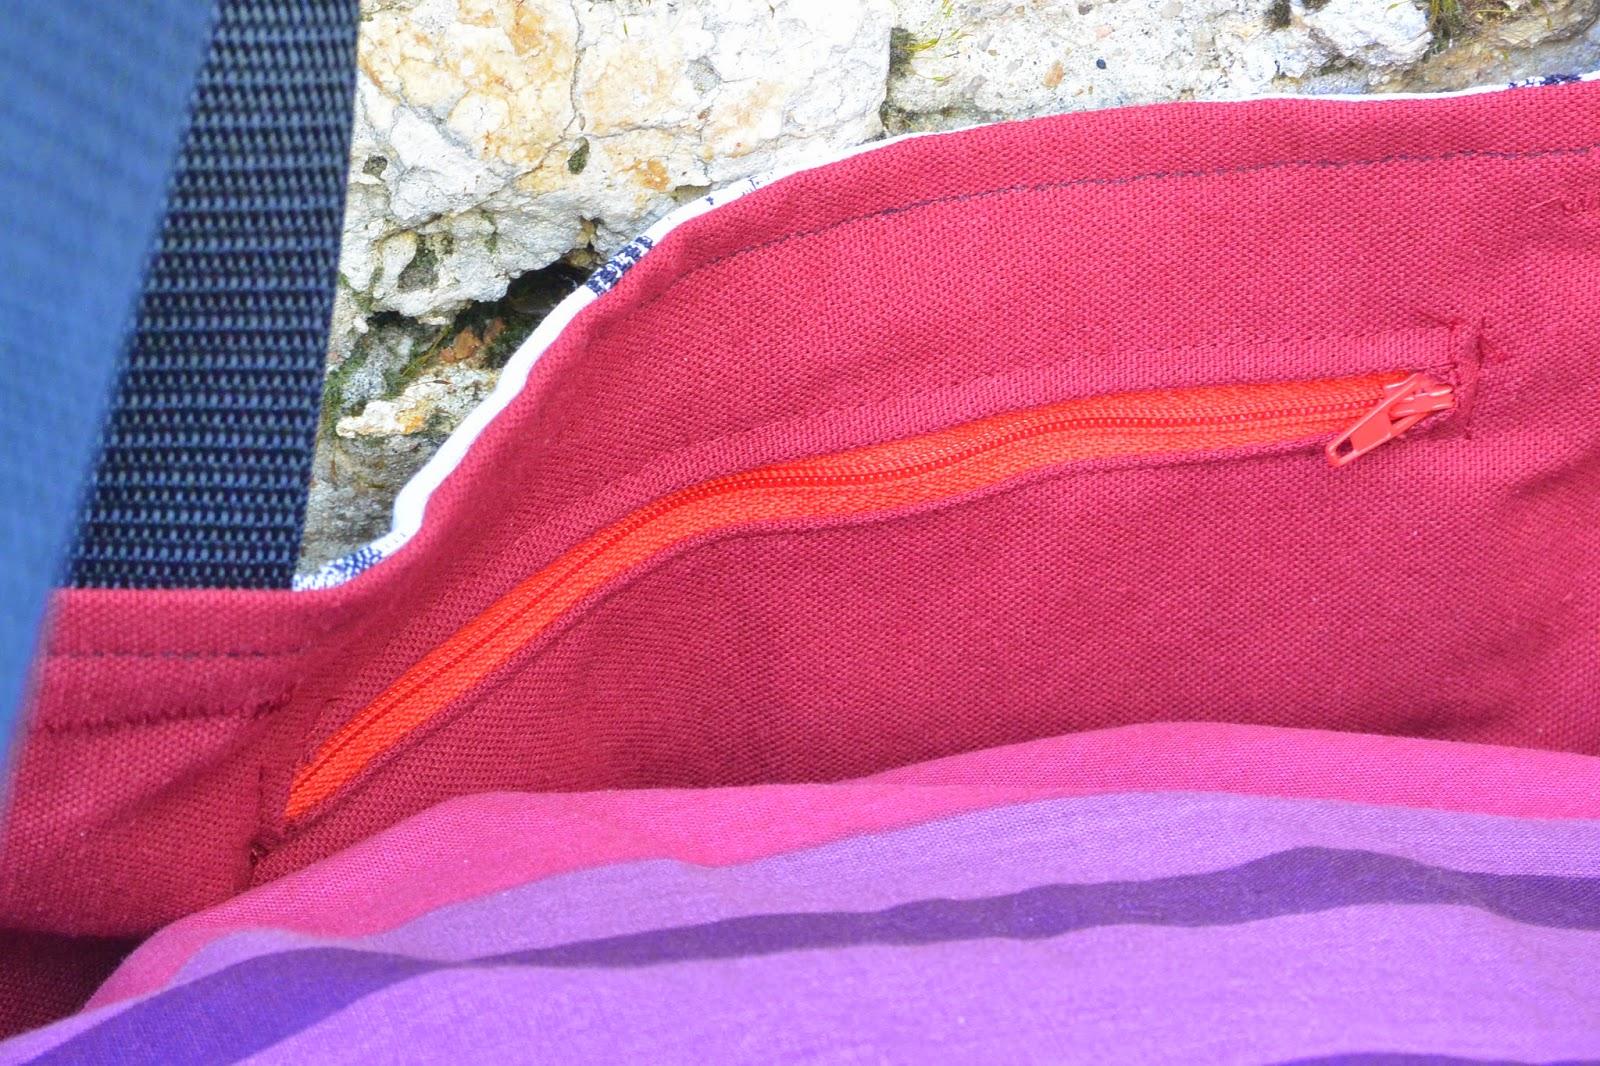 Sac XXL en tissu jacquard, grosse capacité de rangement. poche intérieure. Rouge, I love New york